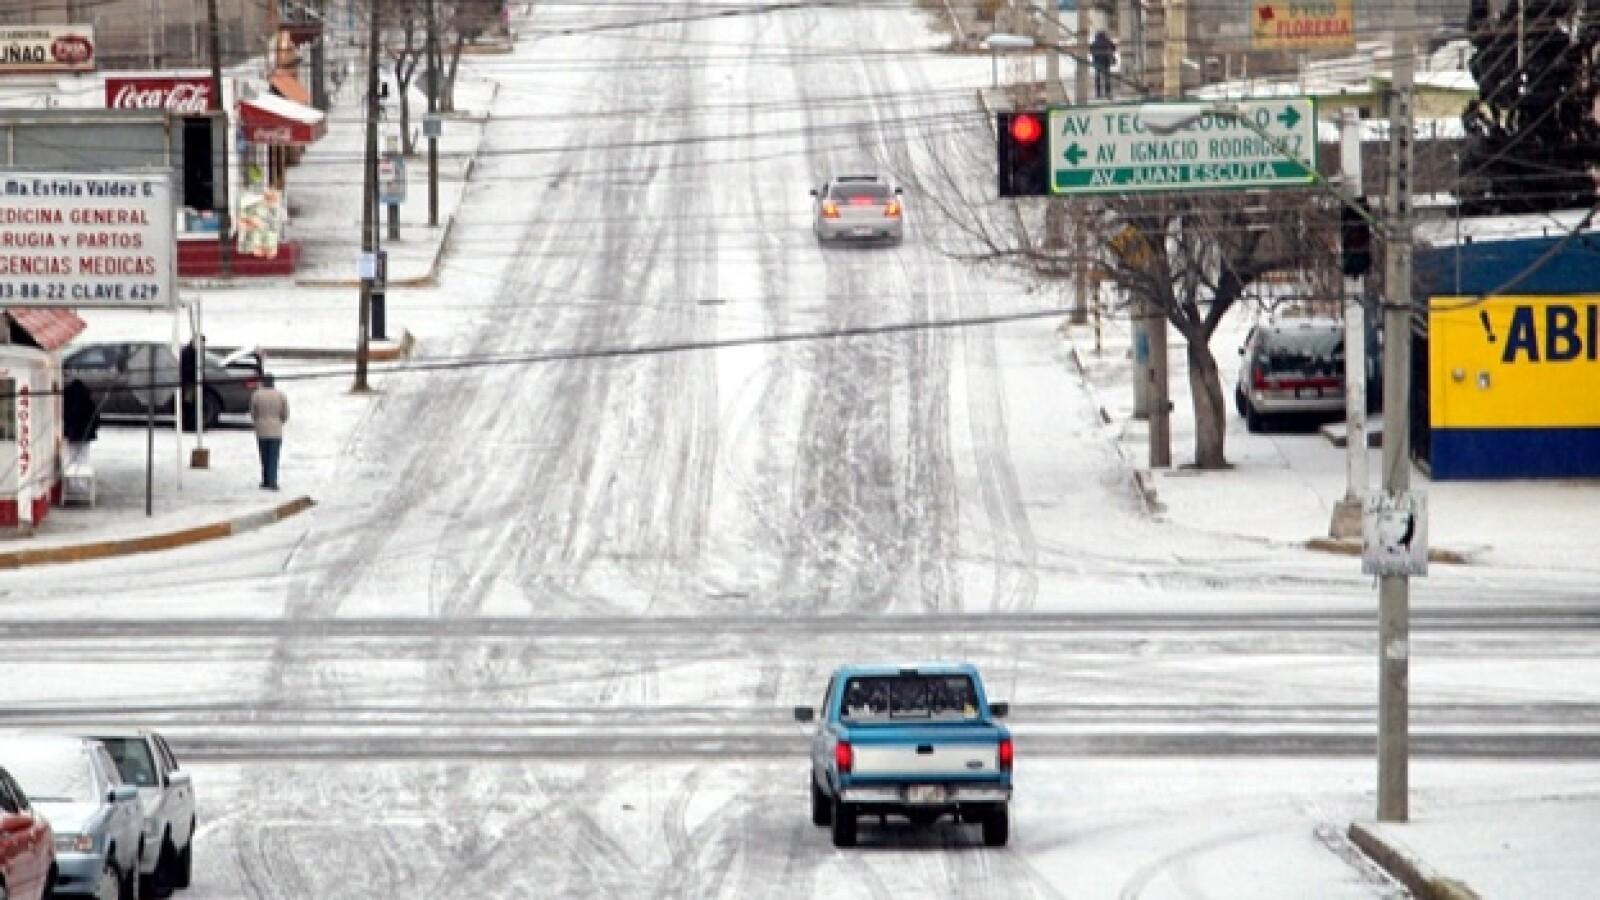 Nevada en chihuahua frío 15 grados bajo cero 2